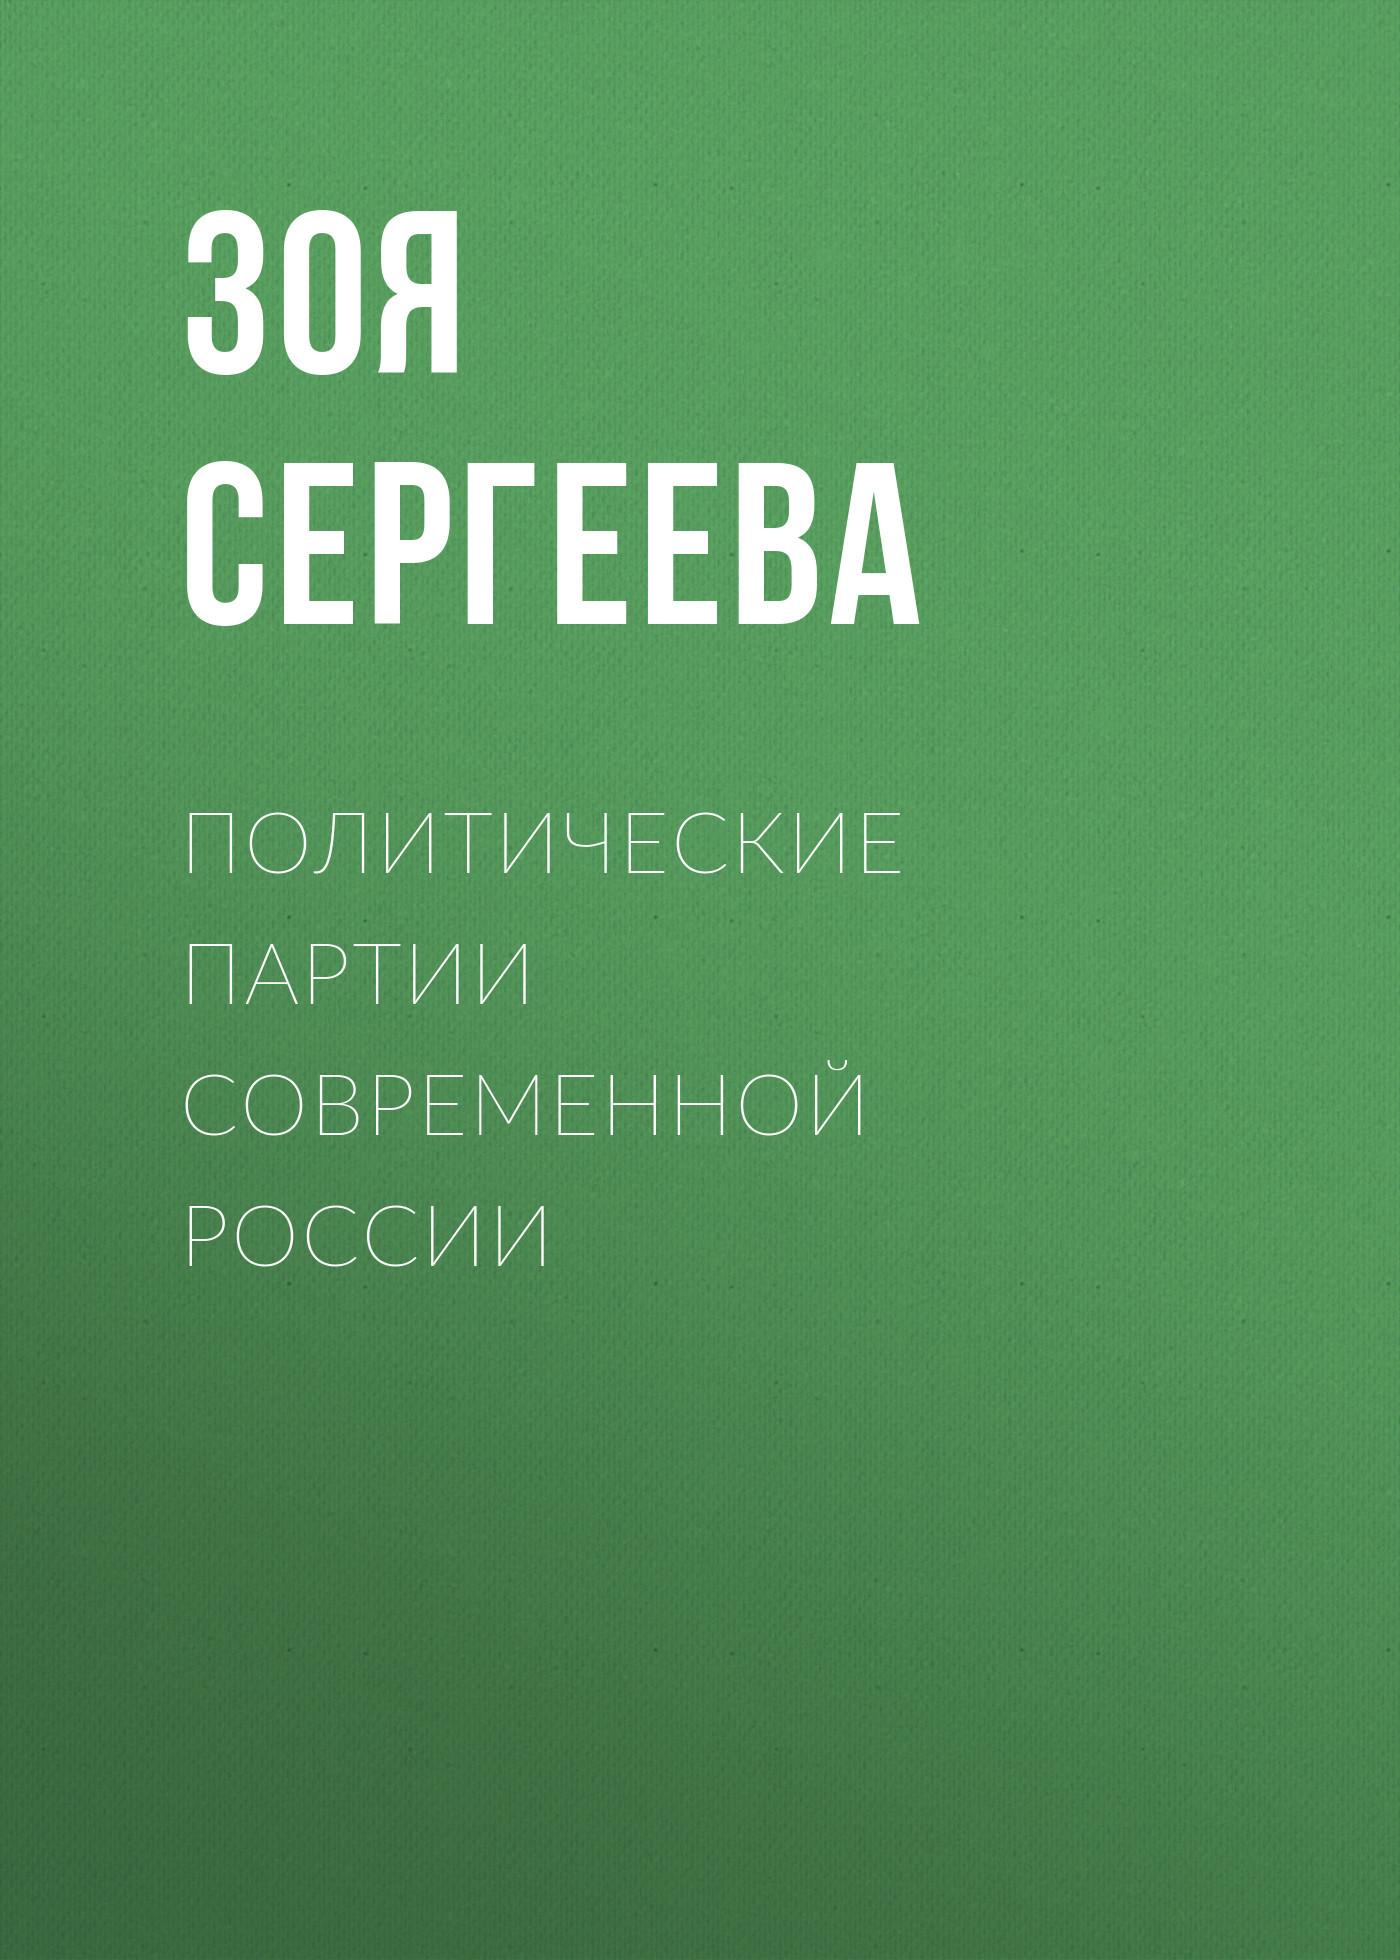 Зоя Сергеева Политические партии современной России телефон dect gigaset l410 устройство громкой связи